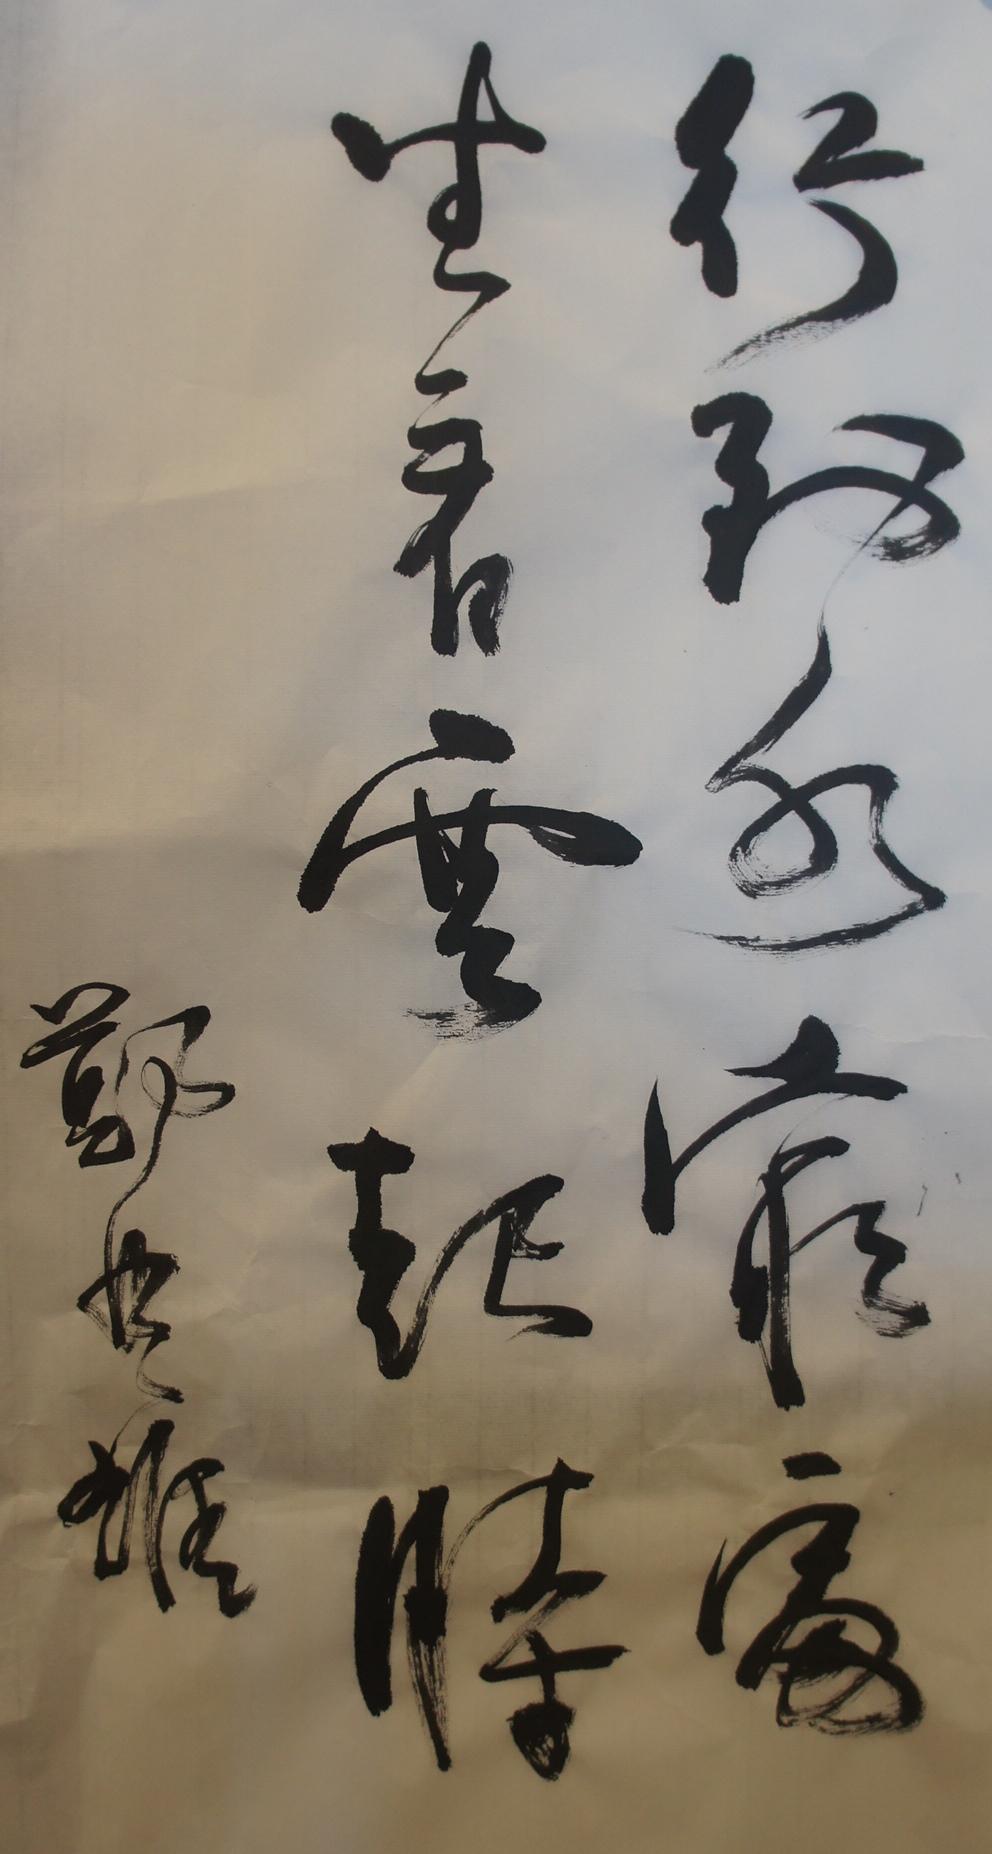 鄭楚雄 書法 王維《終南別業》(節錄)(行草條幅 66cm x 36cm)